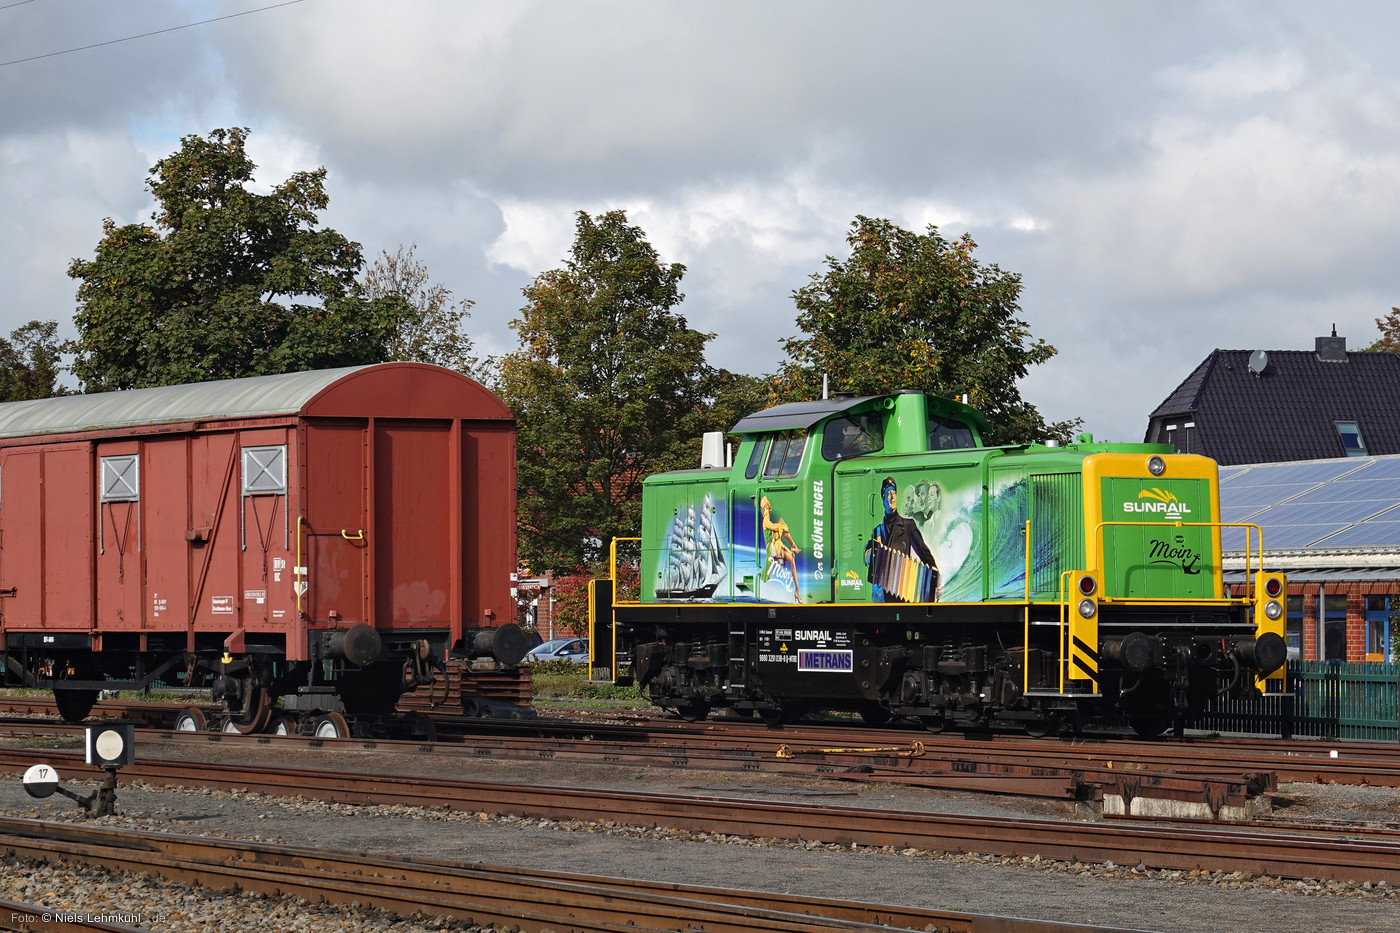 http://www.nielslehmkuhl.de/dso/SunRail-291-038_BruchhausenVilsen_20191003_1158_xxl_dsc04078.jpg